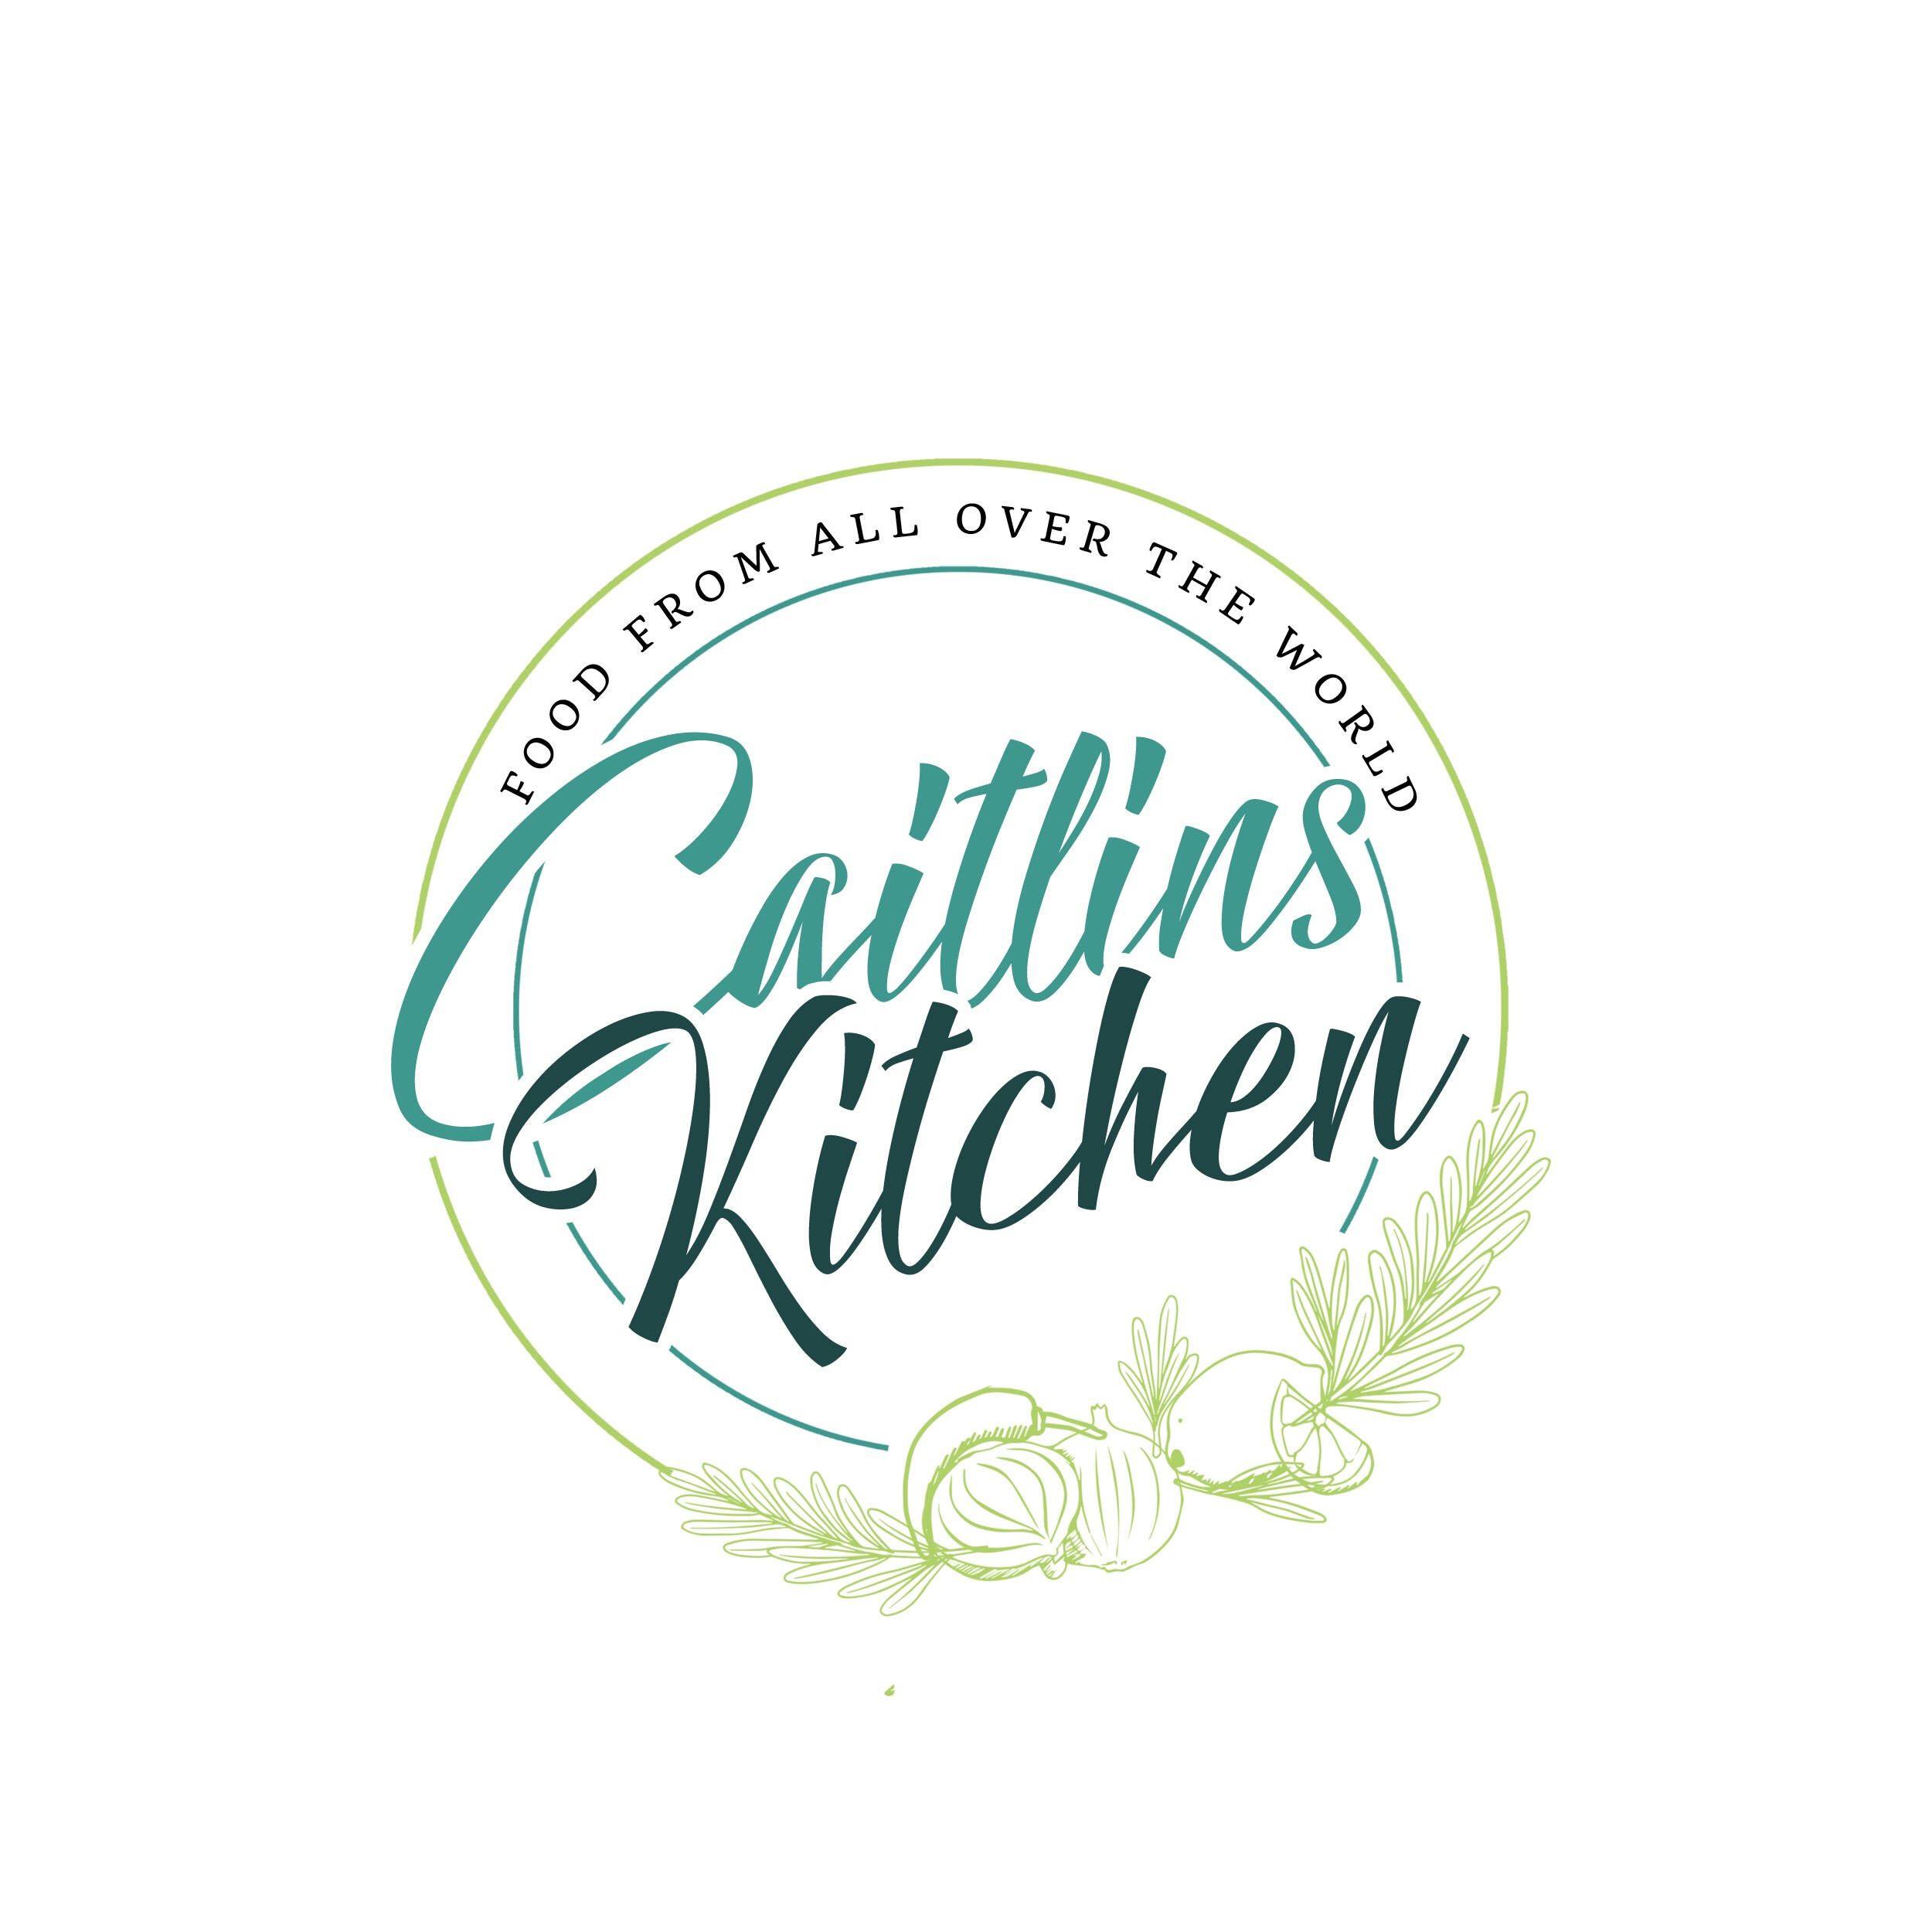 Premade Logo Logo Design Watermark Design Bakery Food Etsy Fruit Logo Design Ideas Fruit Logo Design Cooking Logo